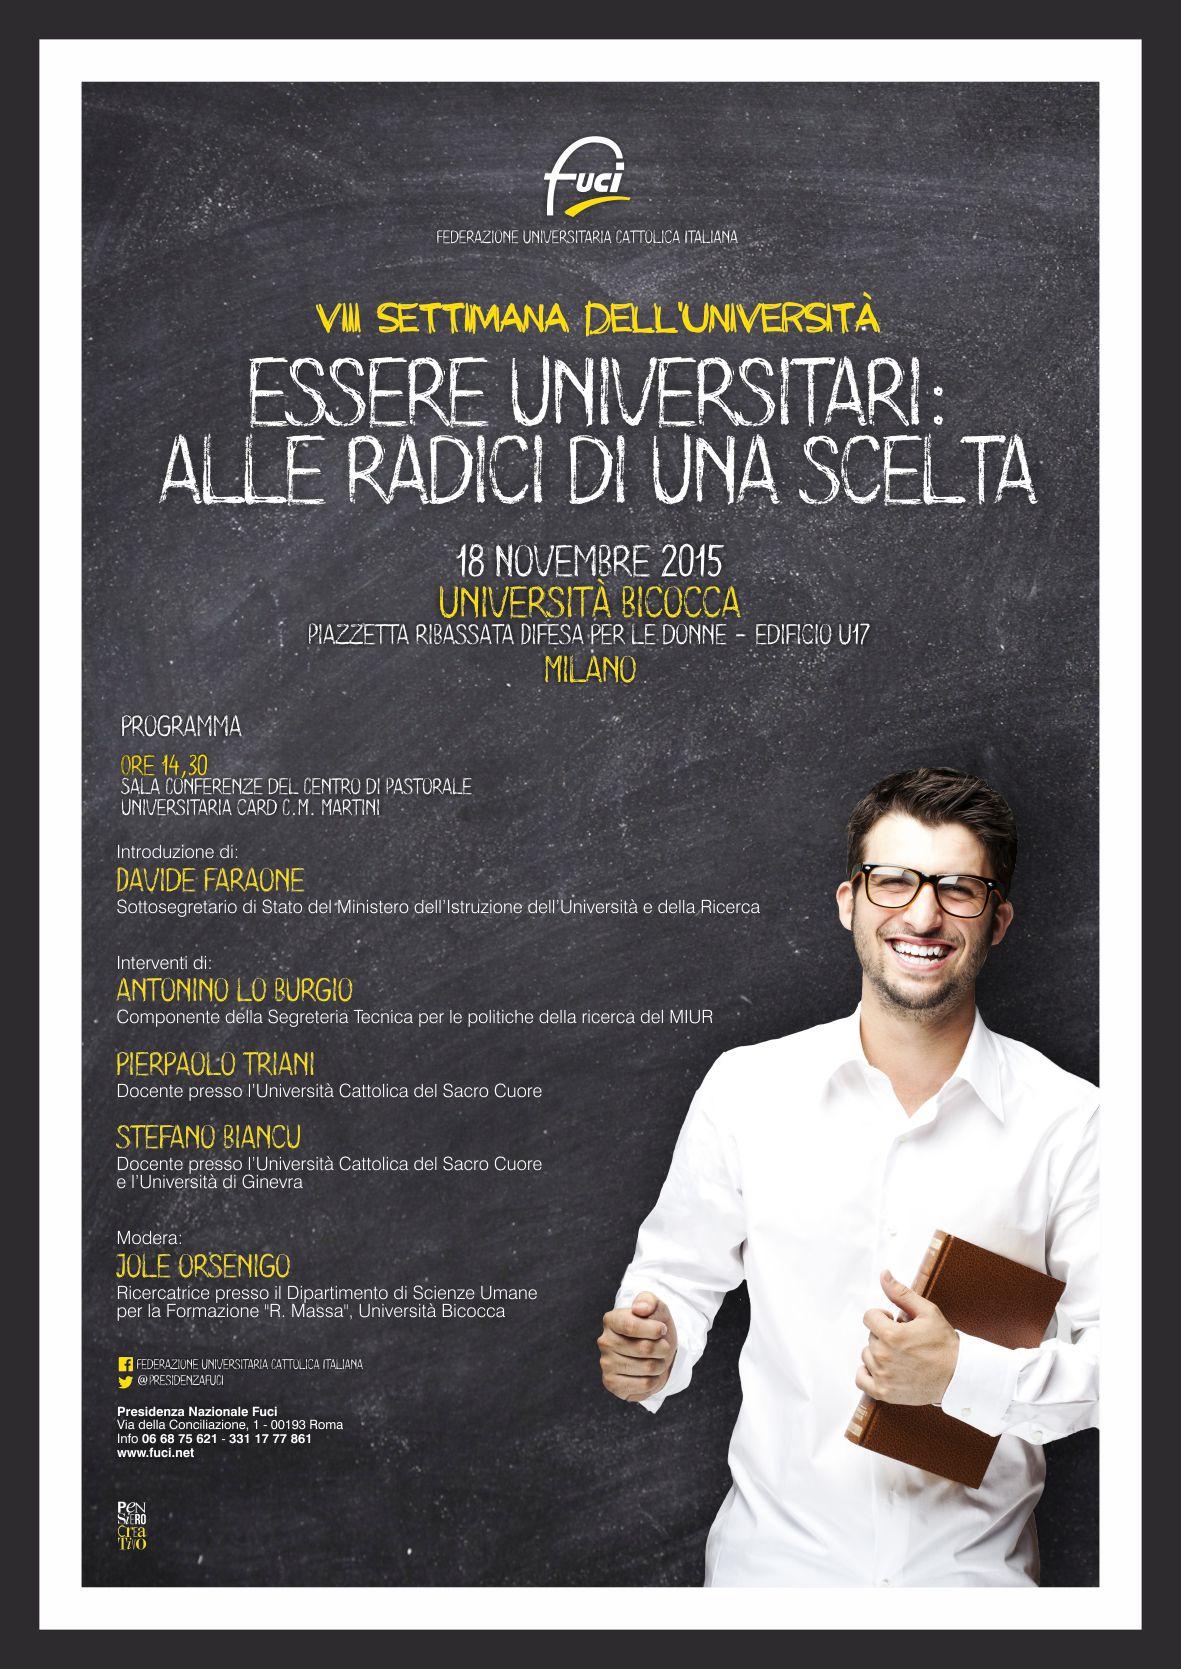 Essere Universitari: alle radici di una scelta. Il 18 novembre la Settimana dell'Università a MIlano